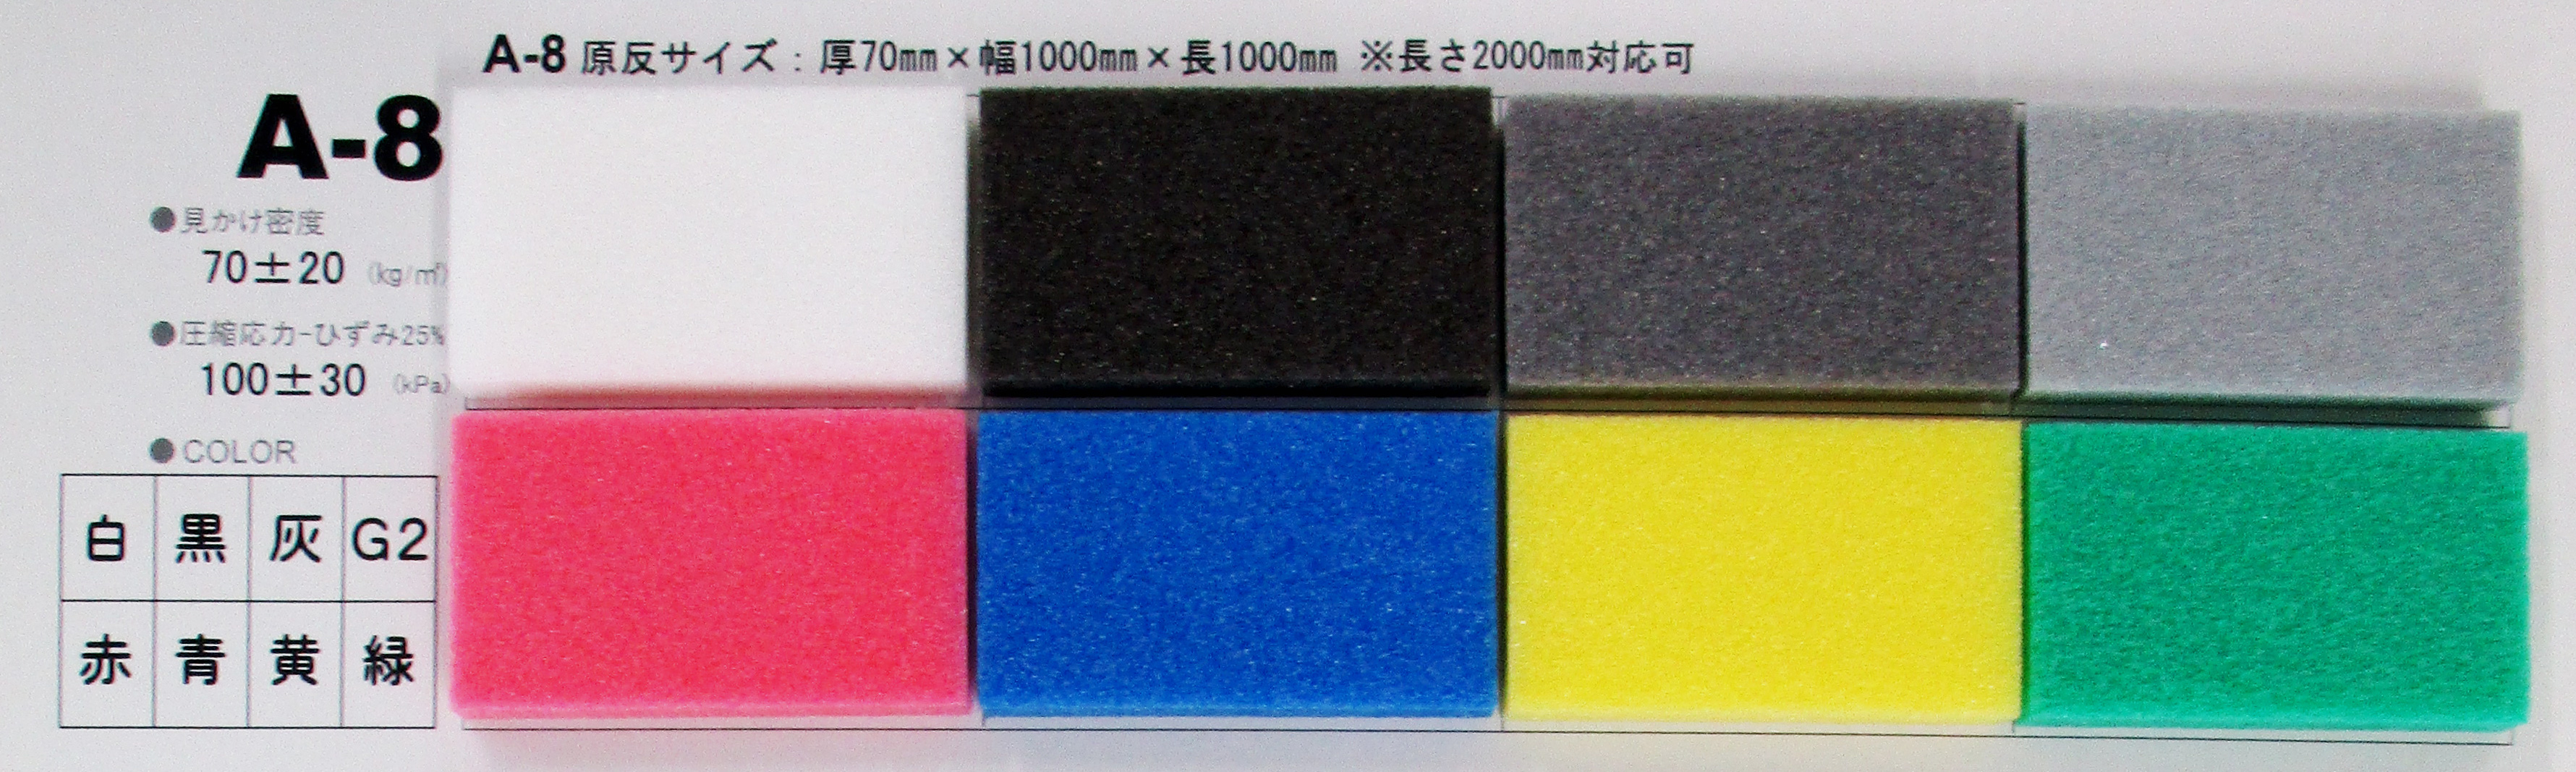 A-8 カラーサンプル